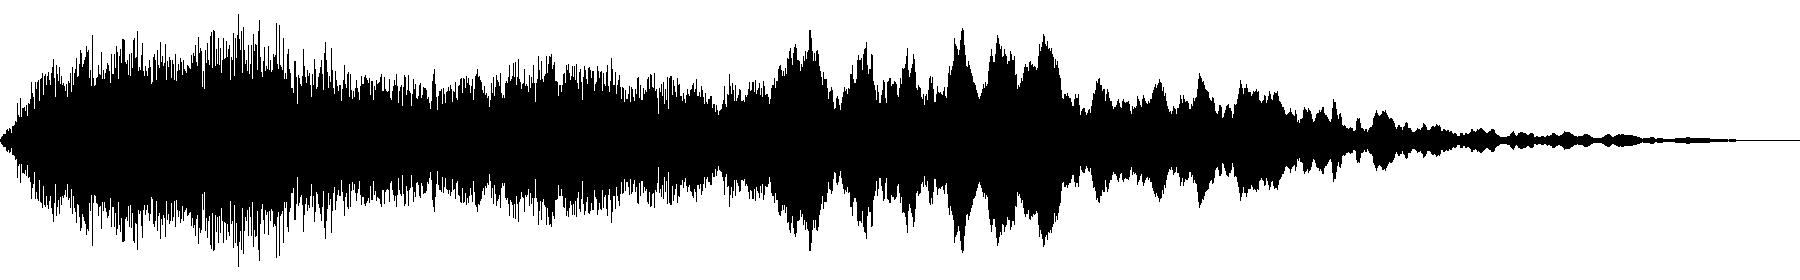 vfx1 atmos 39